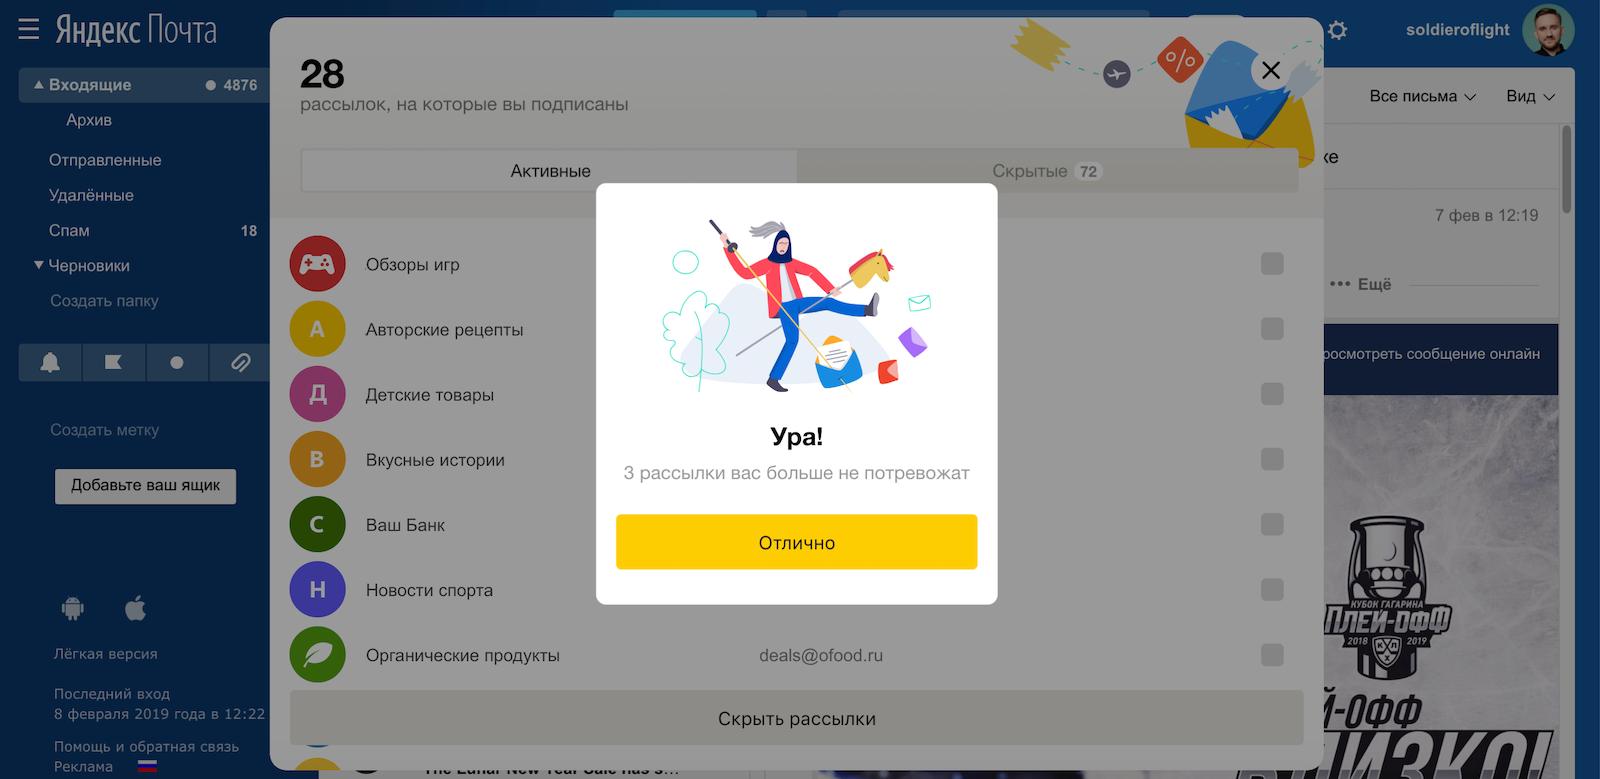 Как отказаться от ненужных рассылок с помощью одной кнопки. Опыт команды Яндекс.Почты - 1